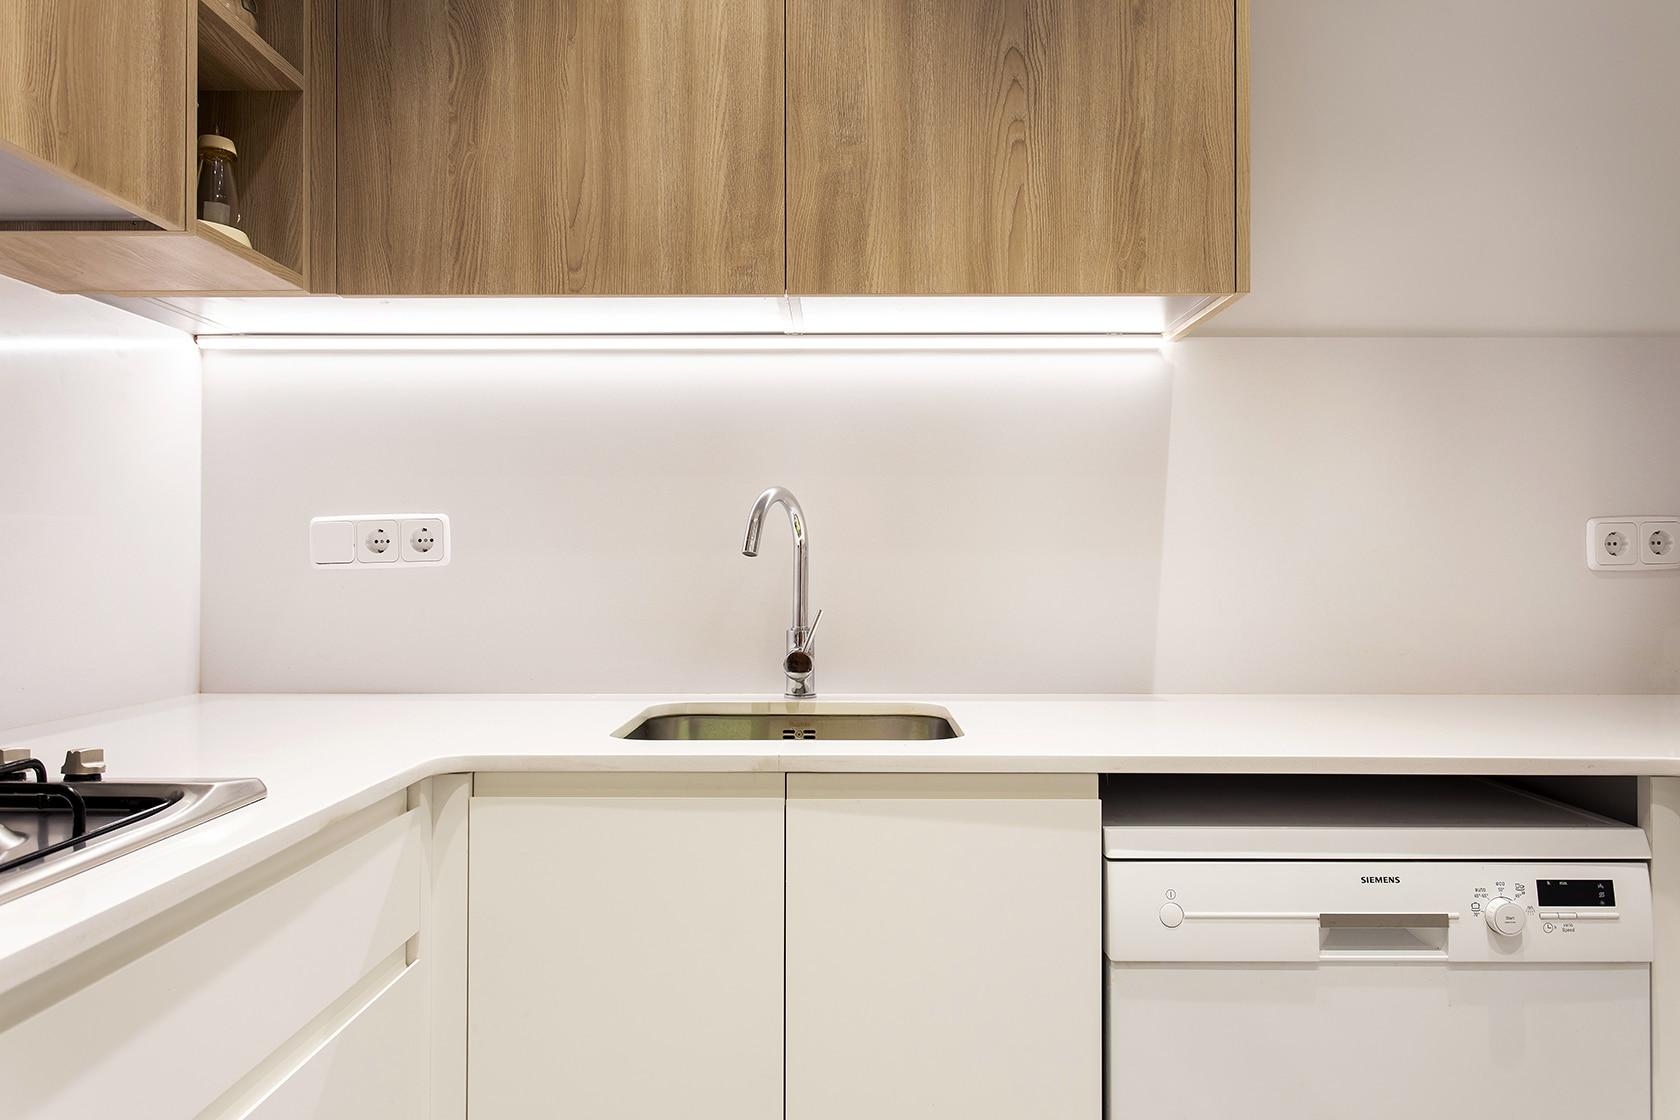 Fregadero y encimera de la cocina